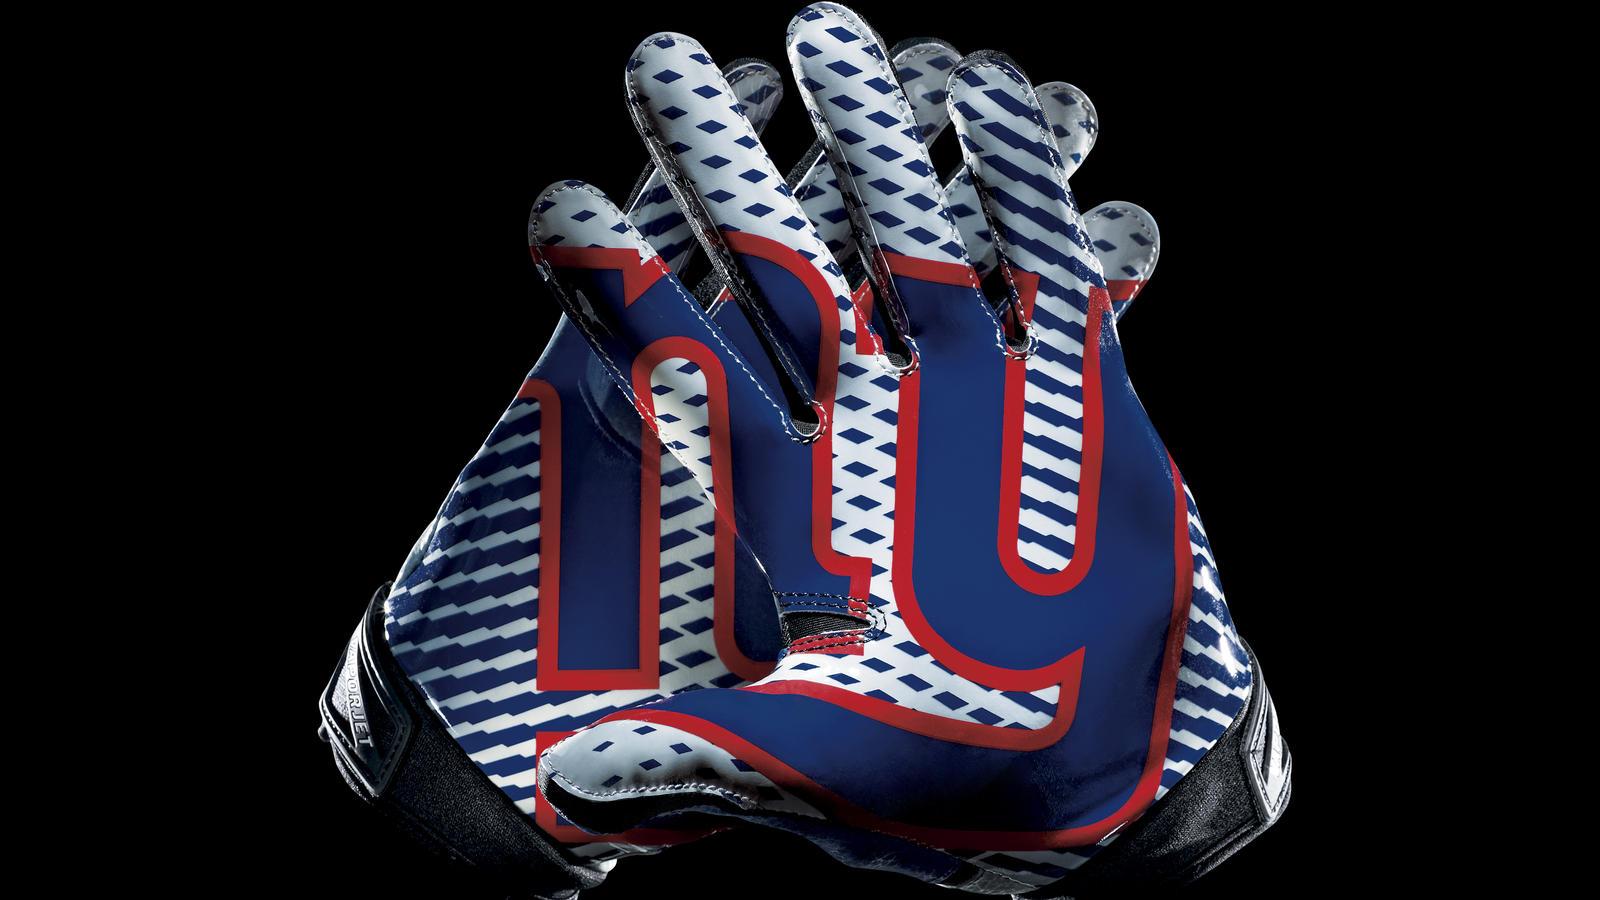 New York Giants Gloves - HD Wallpaper